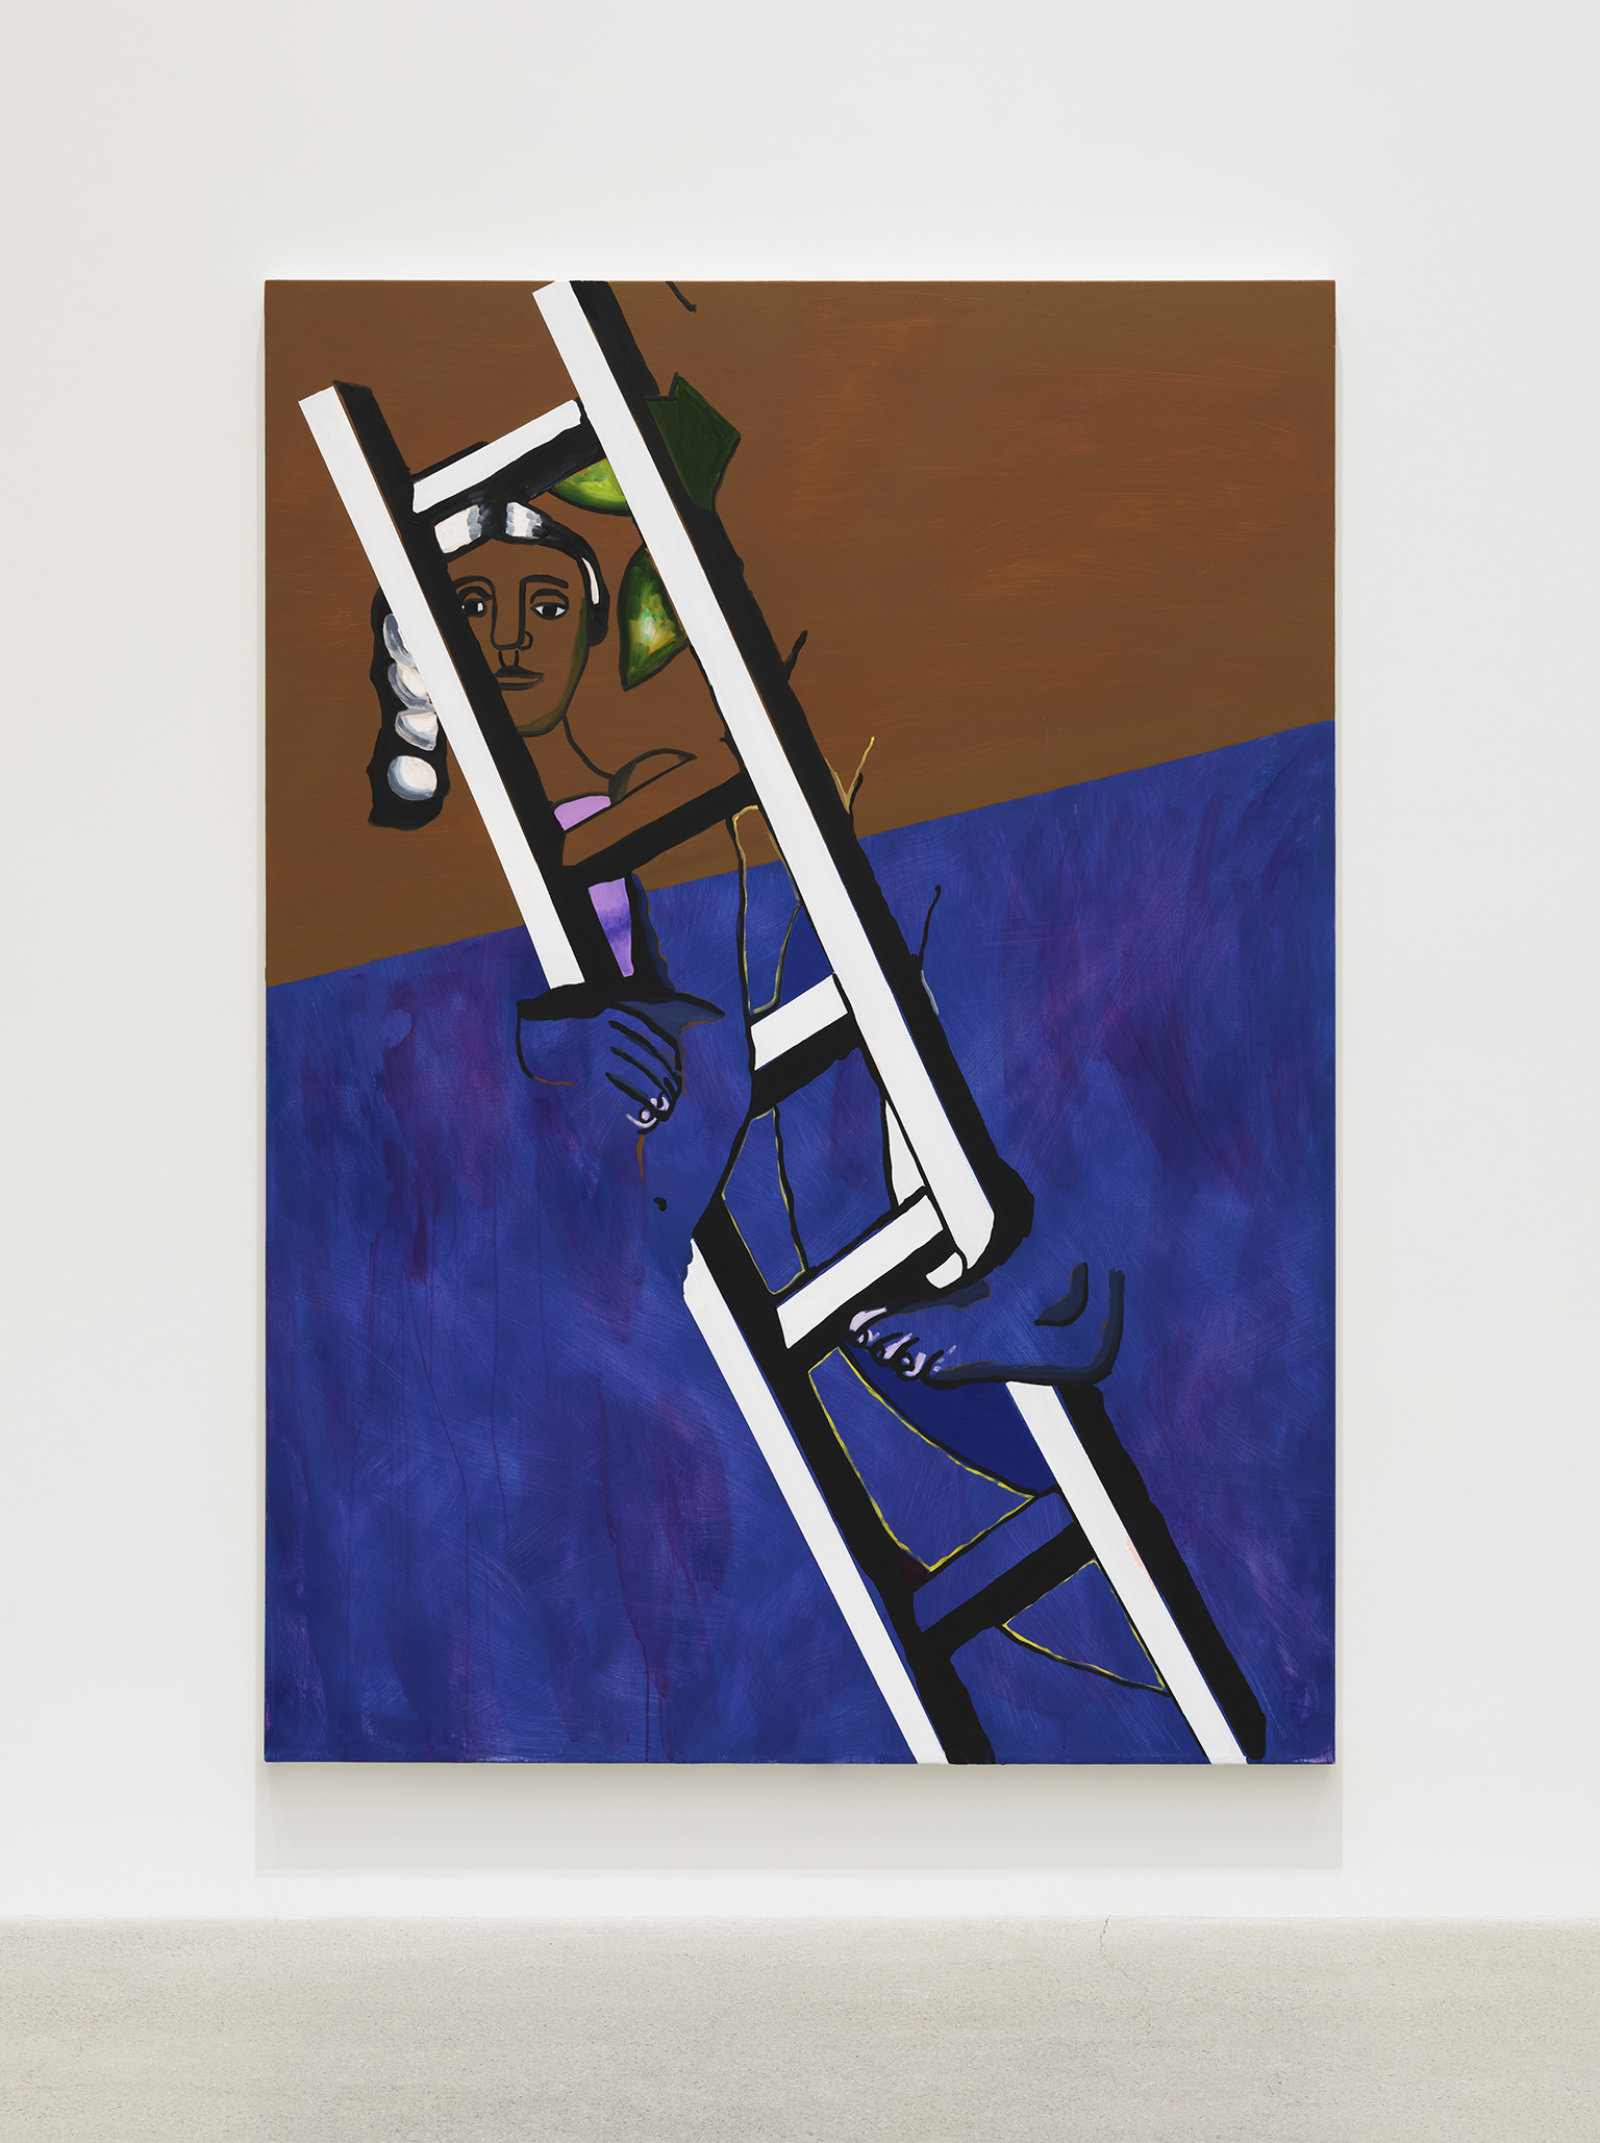 Elizabeth McIntosh, High, 2020, oil on canvas, 81 x 59 in. (206 x 149 cm) by Elizabeth McIntosh